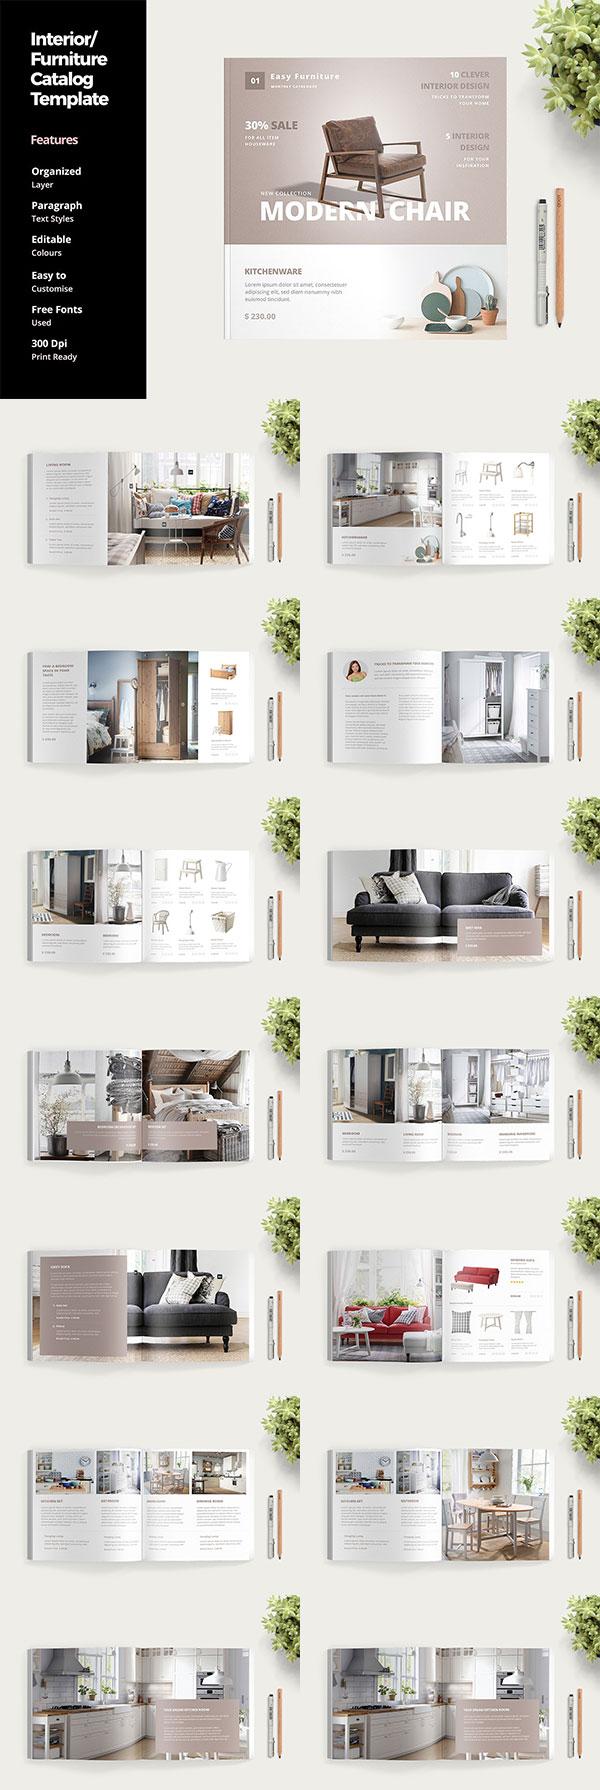 家居主题画册模板